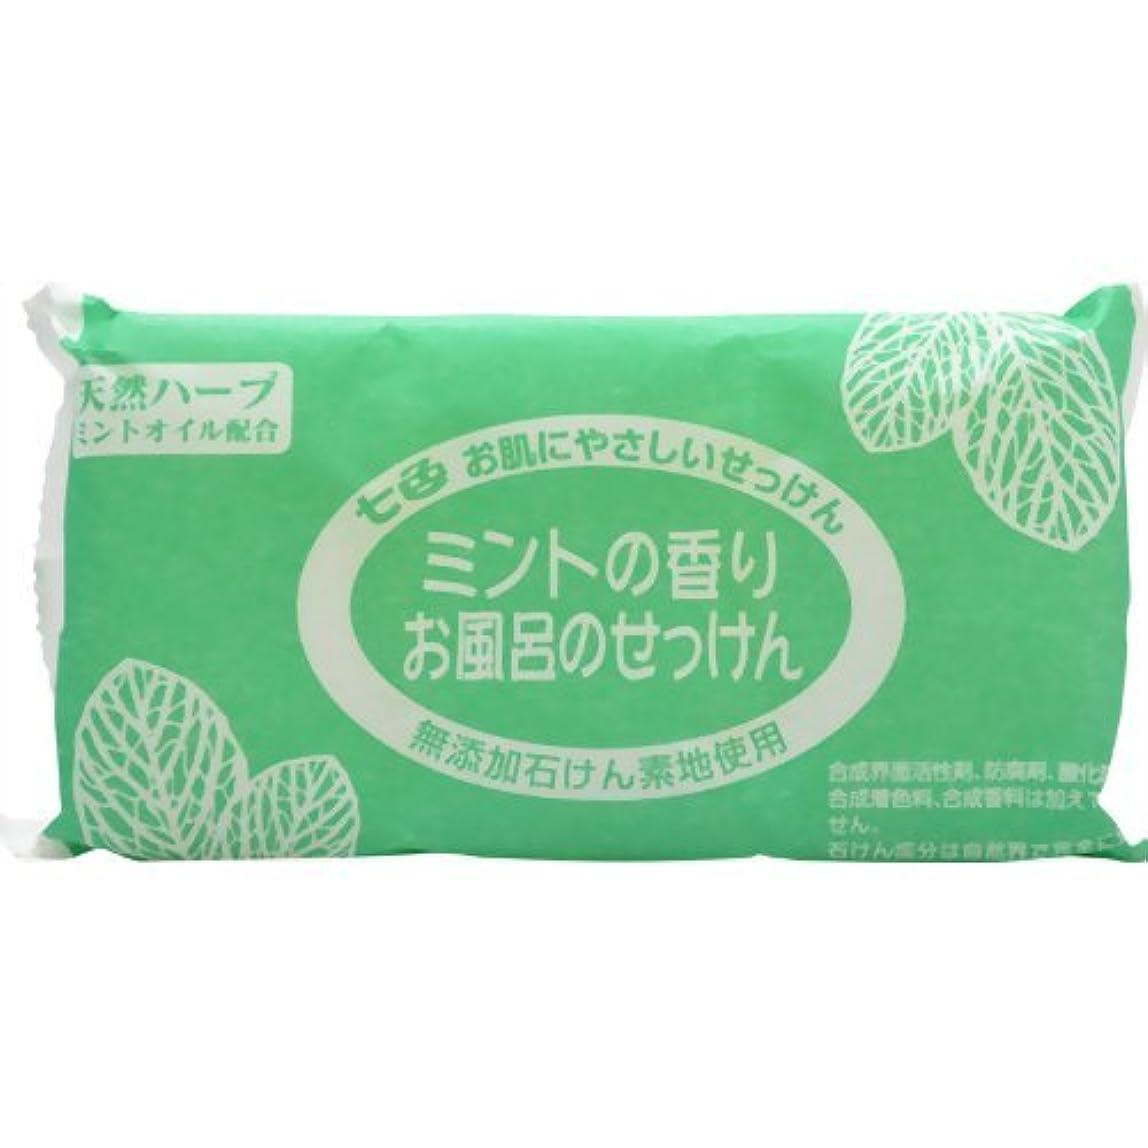 ゆでる消費水を飲む七色 お風呂のせっけん ミントの香り(無添加石鹸) 100g×3個入